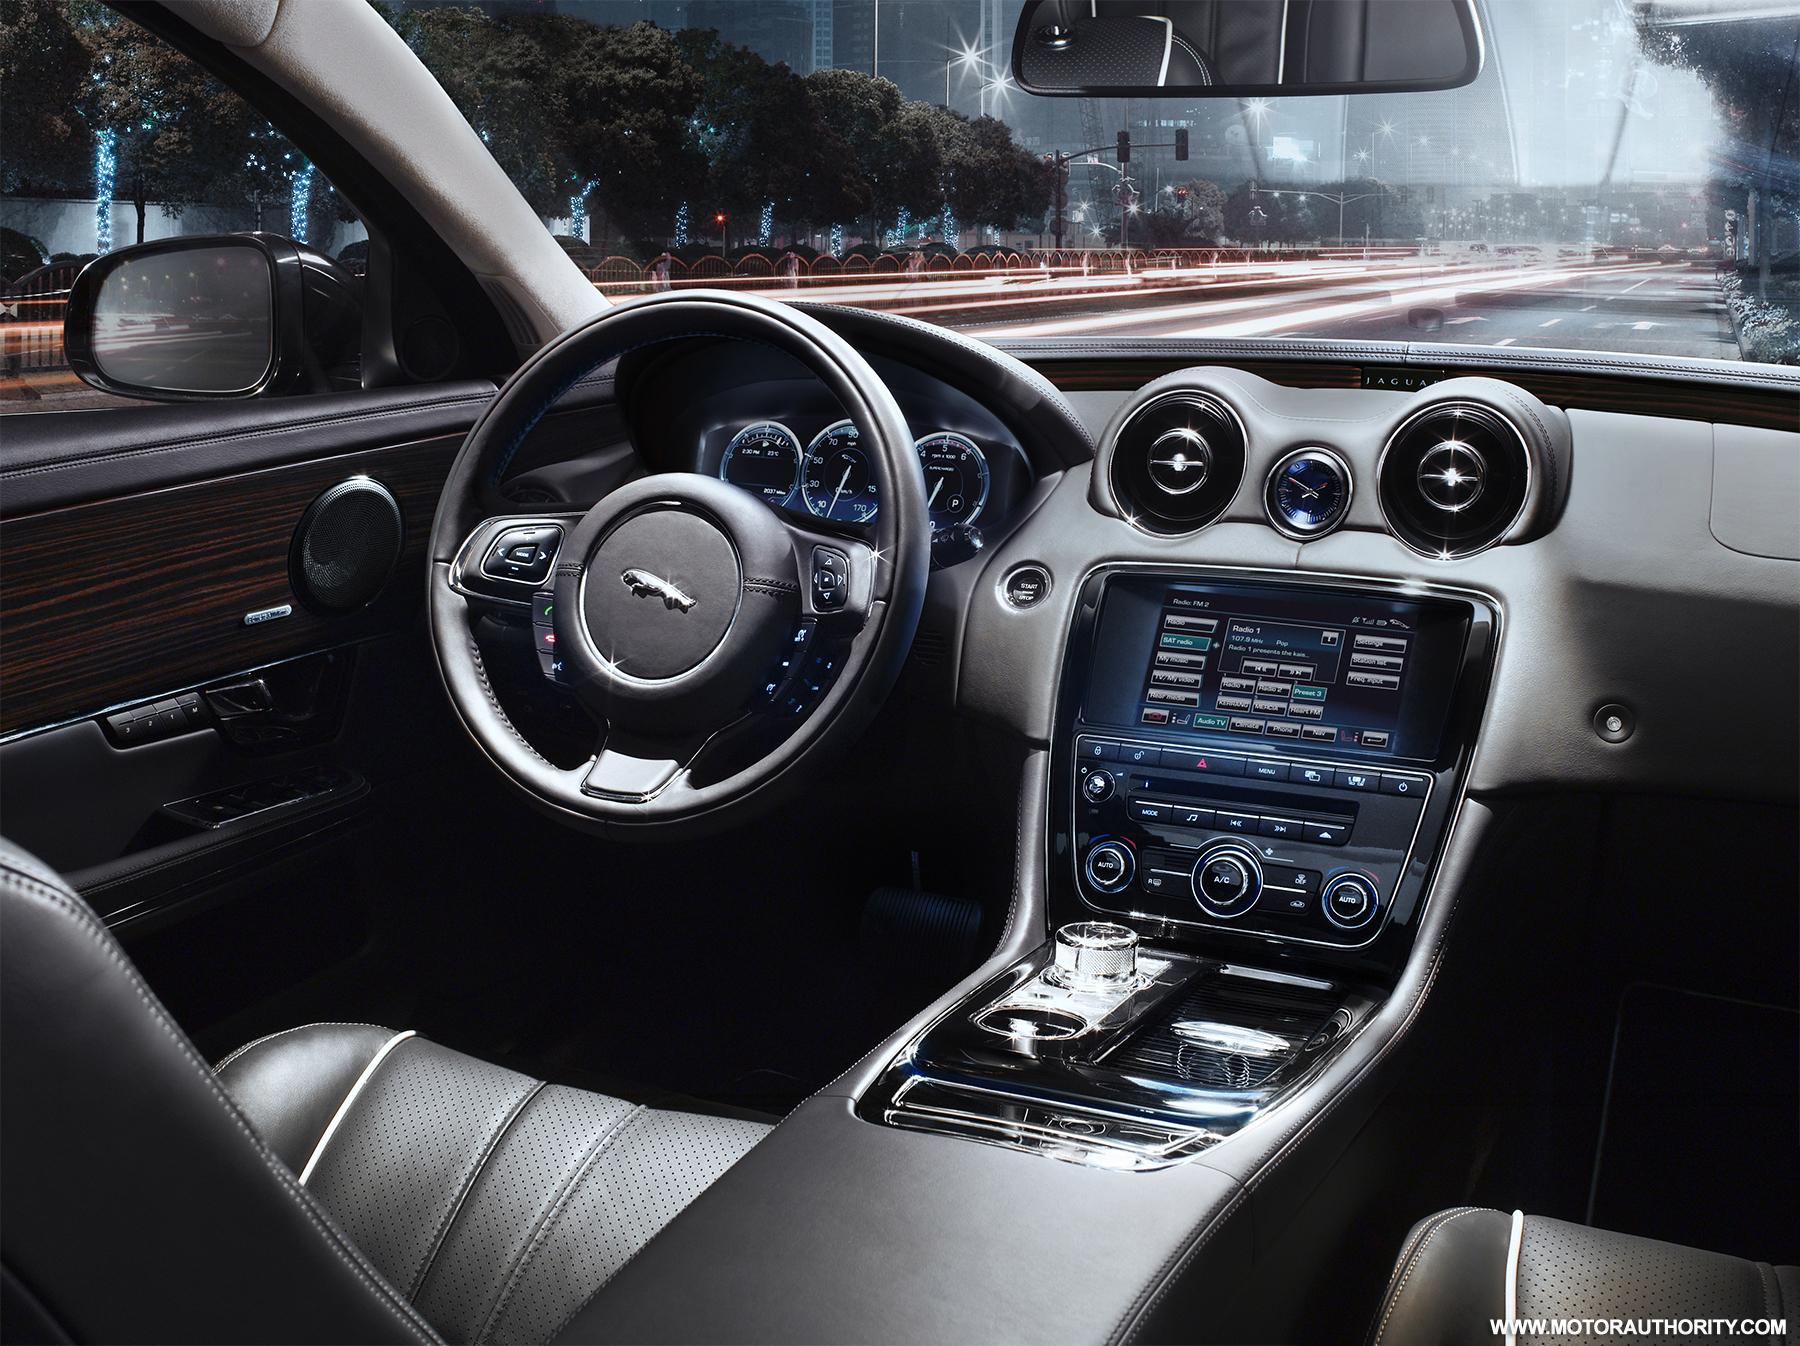 2010 xj jaguar